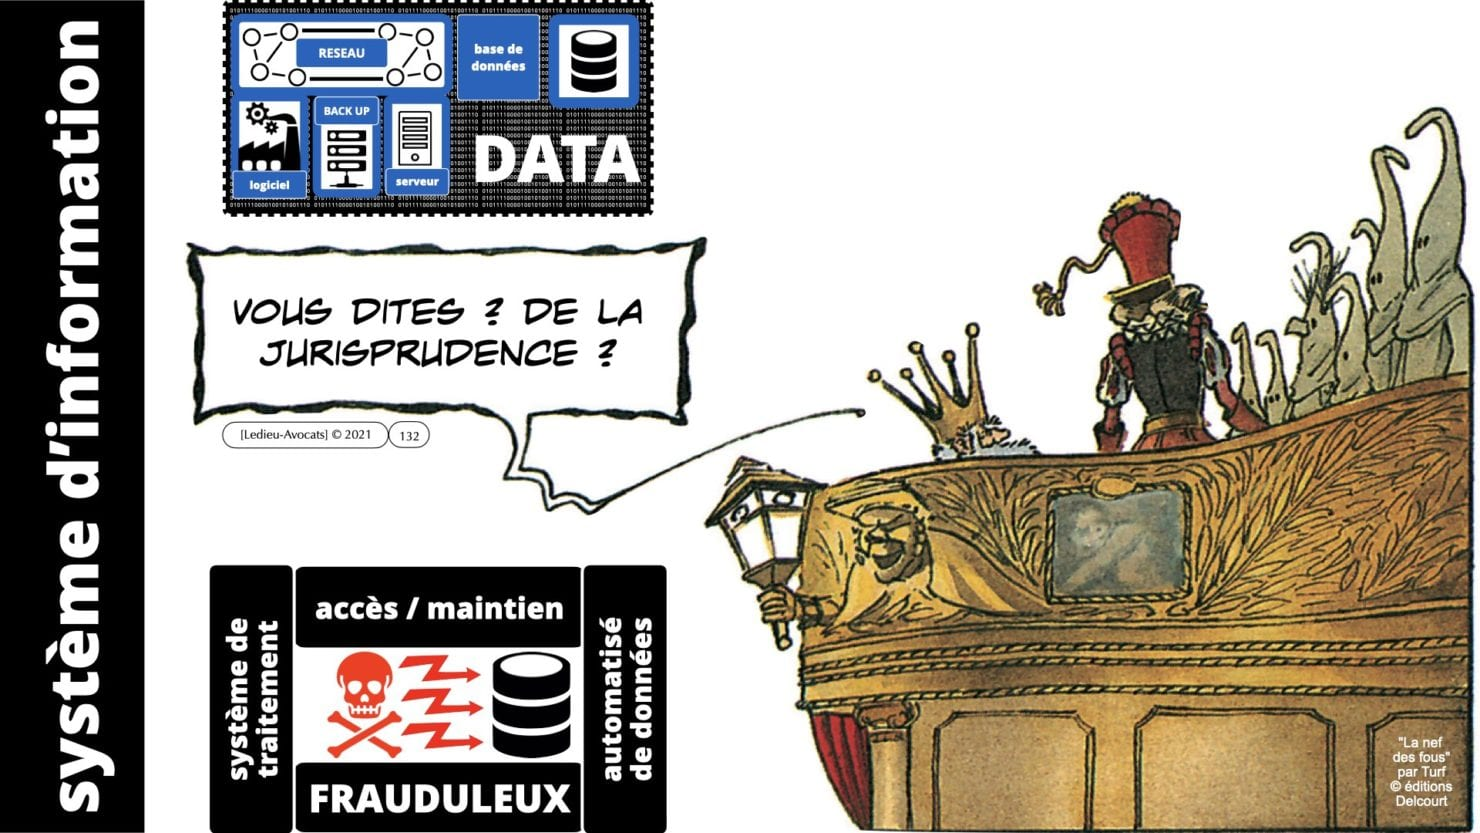 333 CYBER ATTAQUE responsabilité pénale civile contrat © Ledieu-Avocats 23-05-2021.132